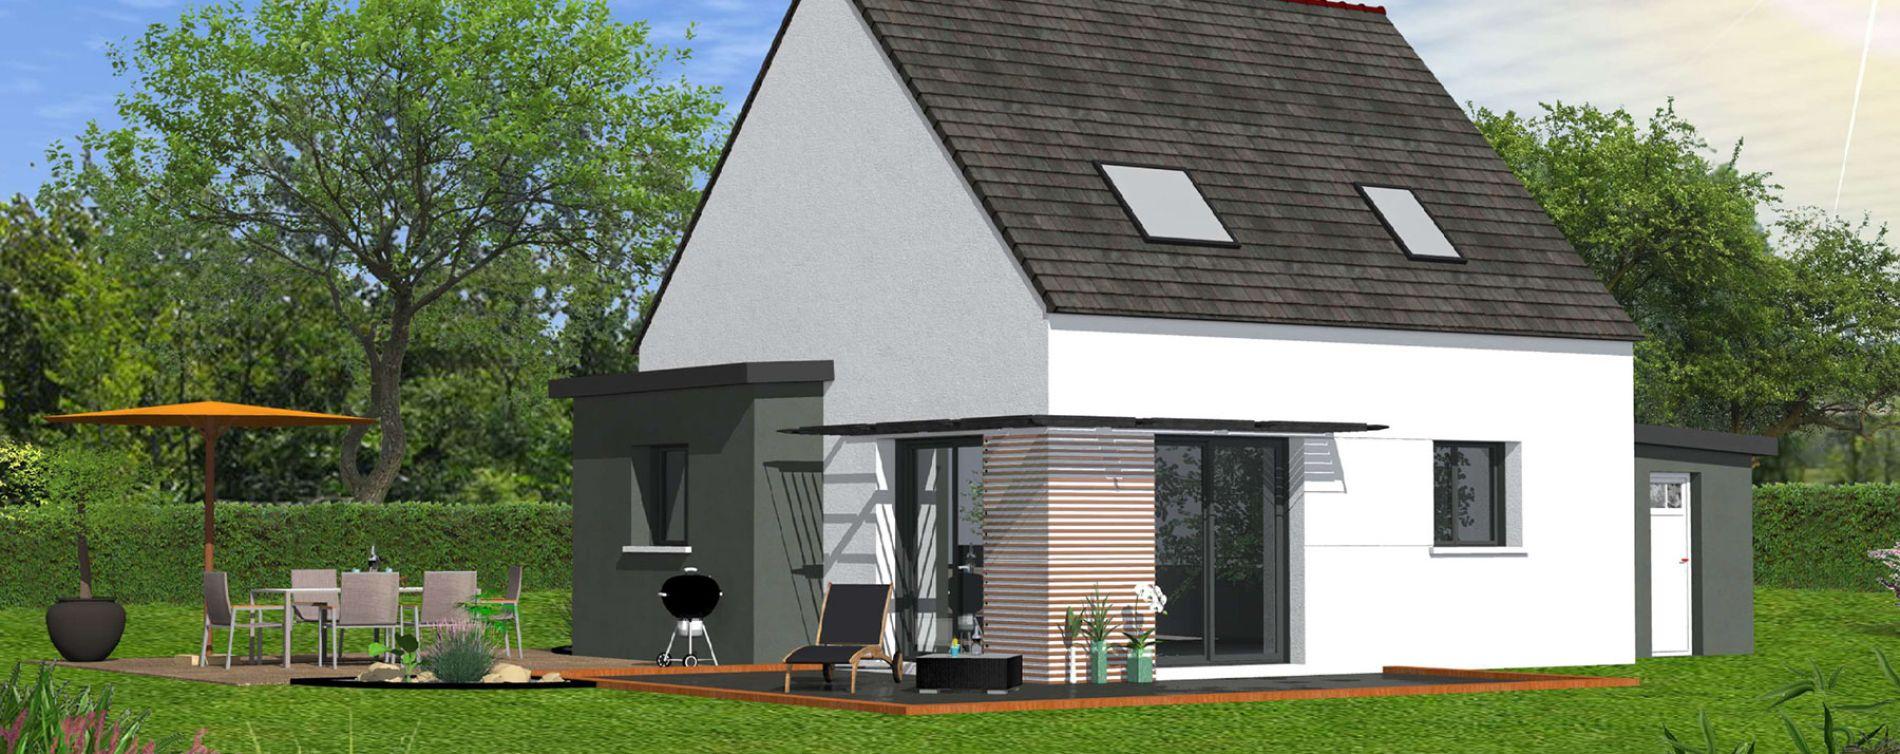 Ploudalmézeau : programme immobilier neuve « Chemin des Dunes » (2)